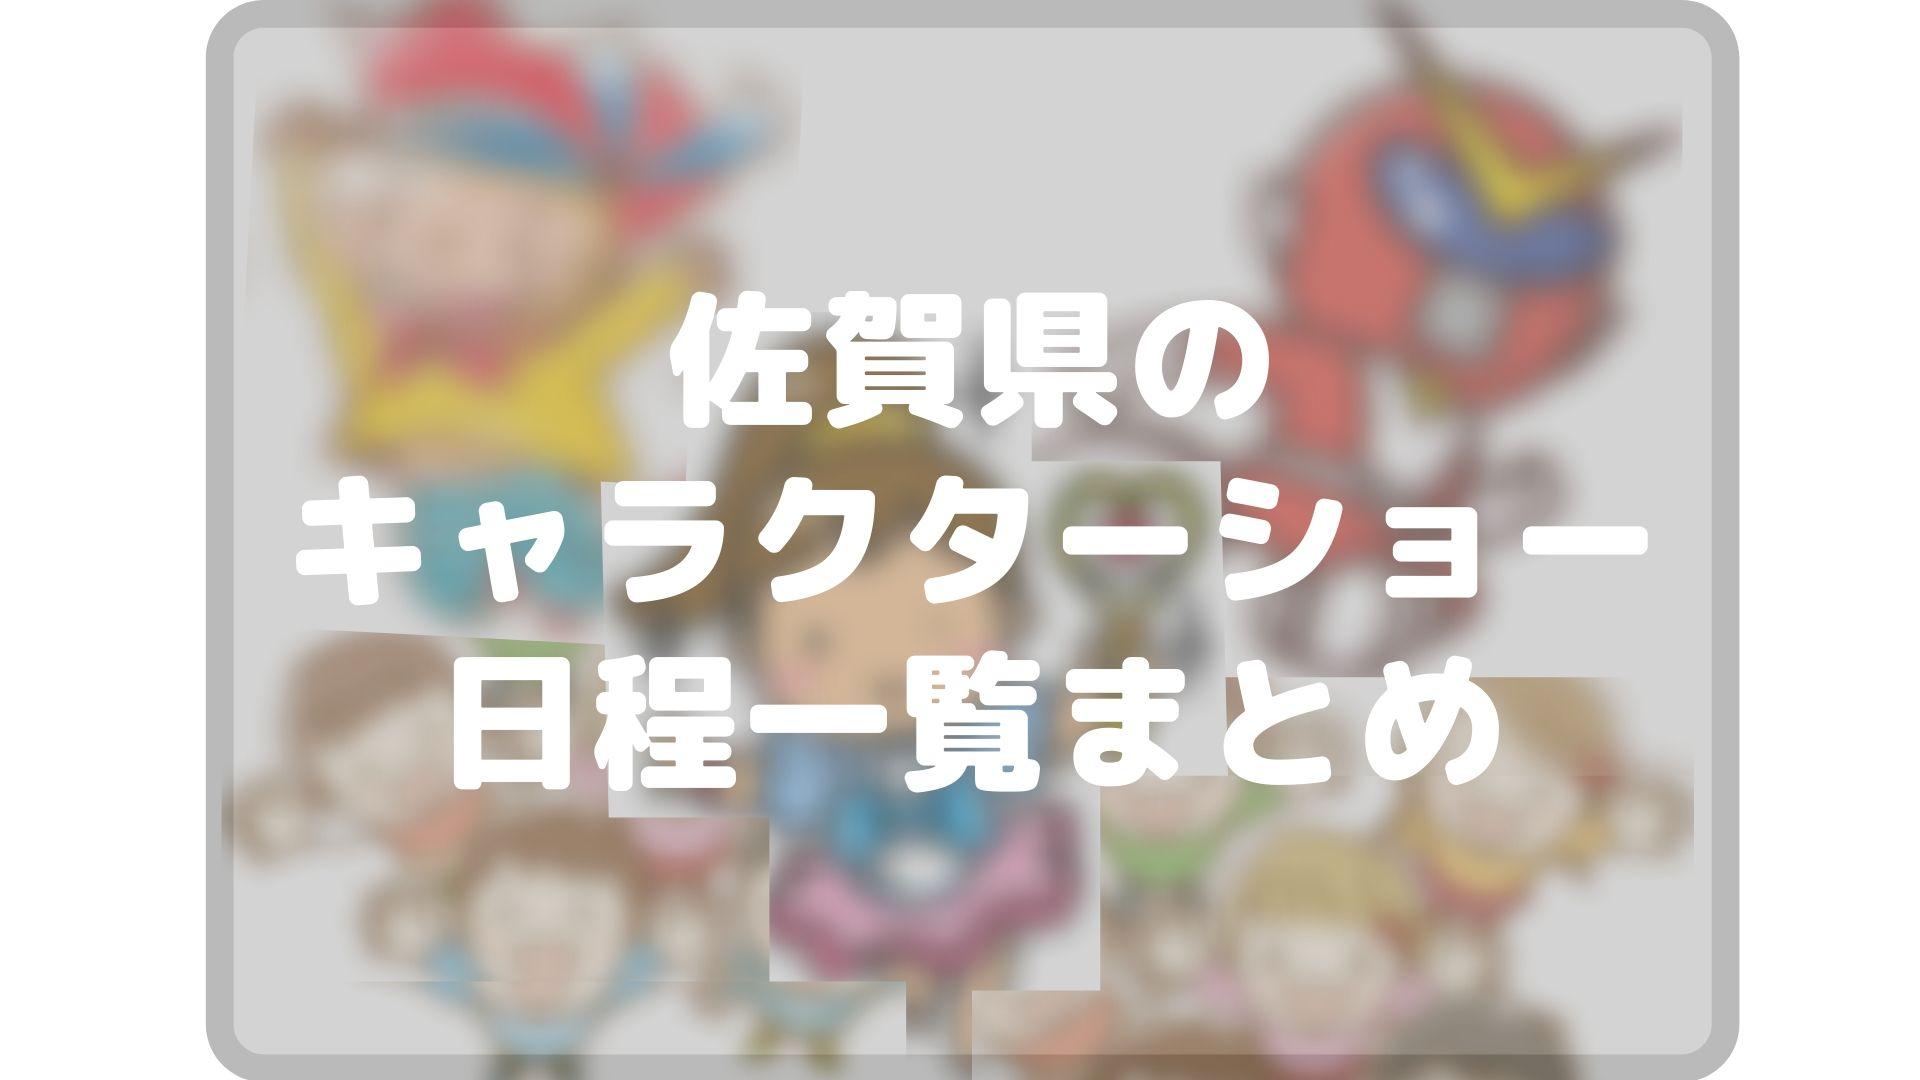 佐賀県のキャラクターショーまとめタイトル画像